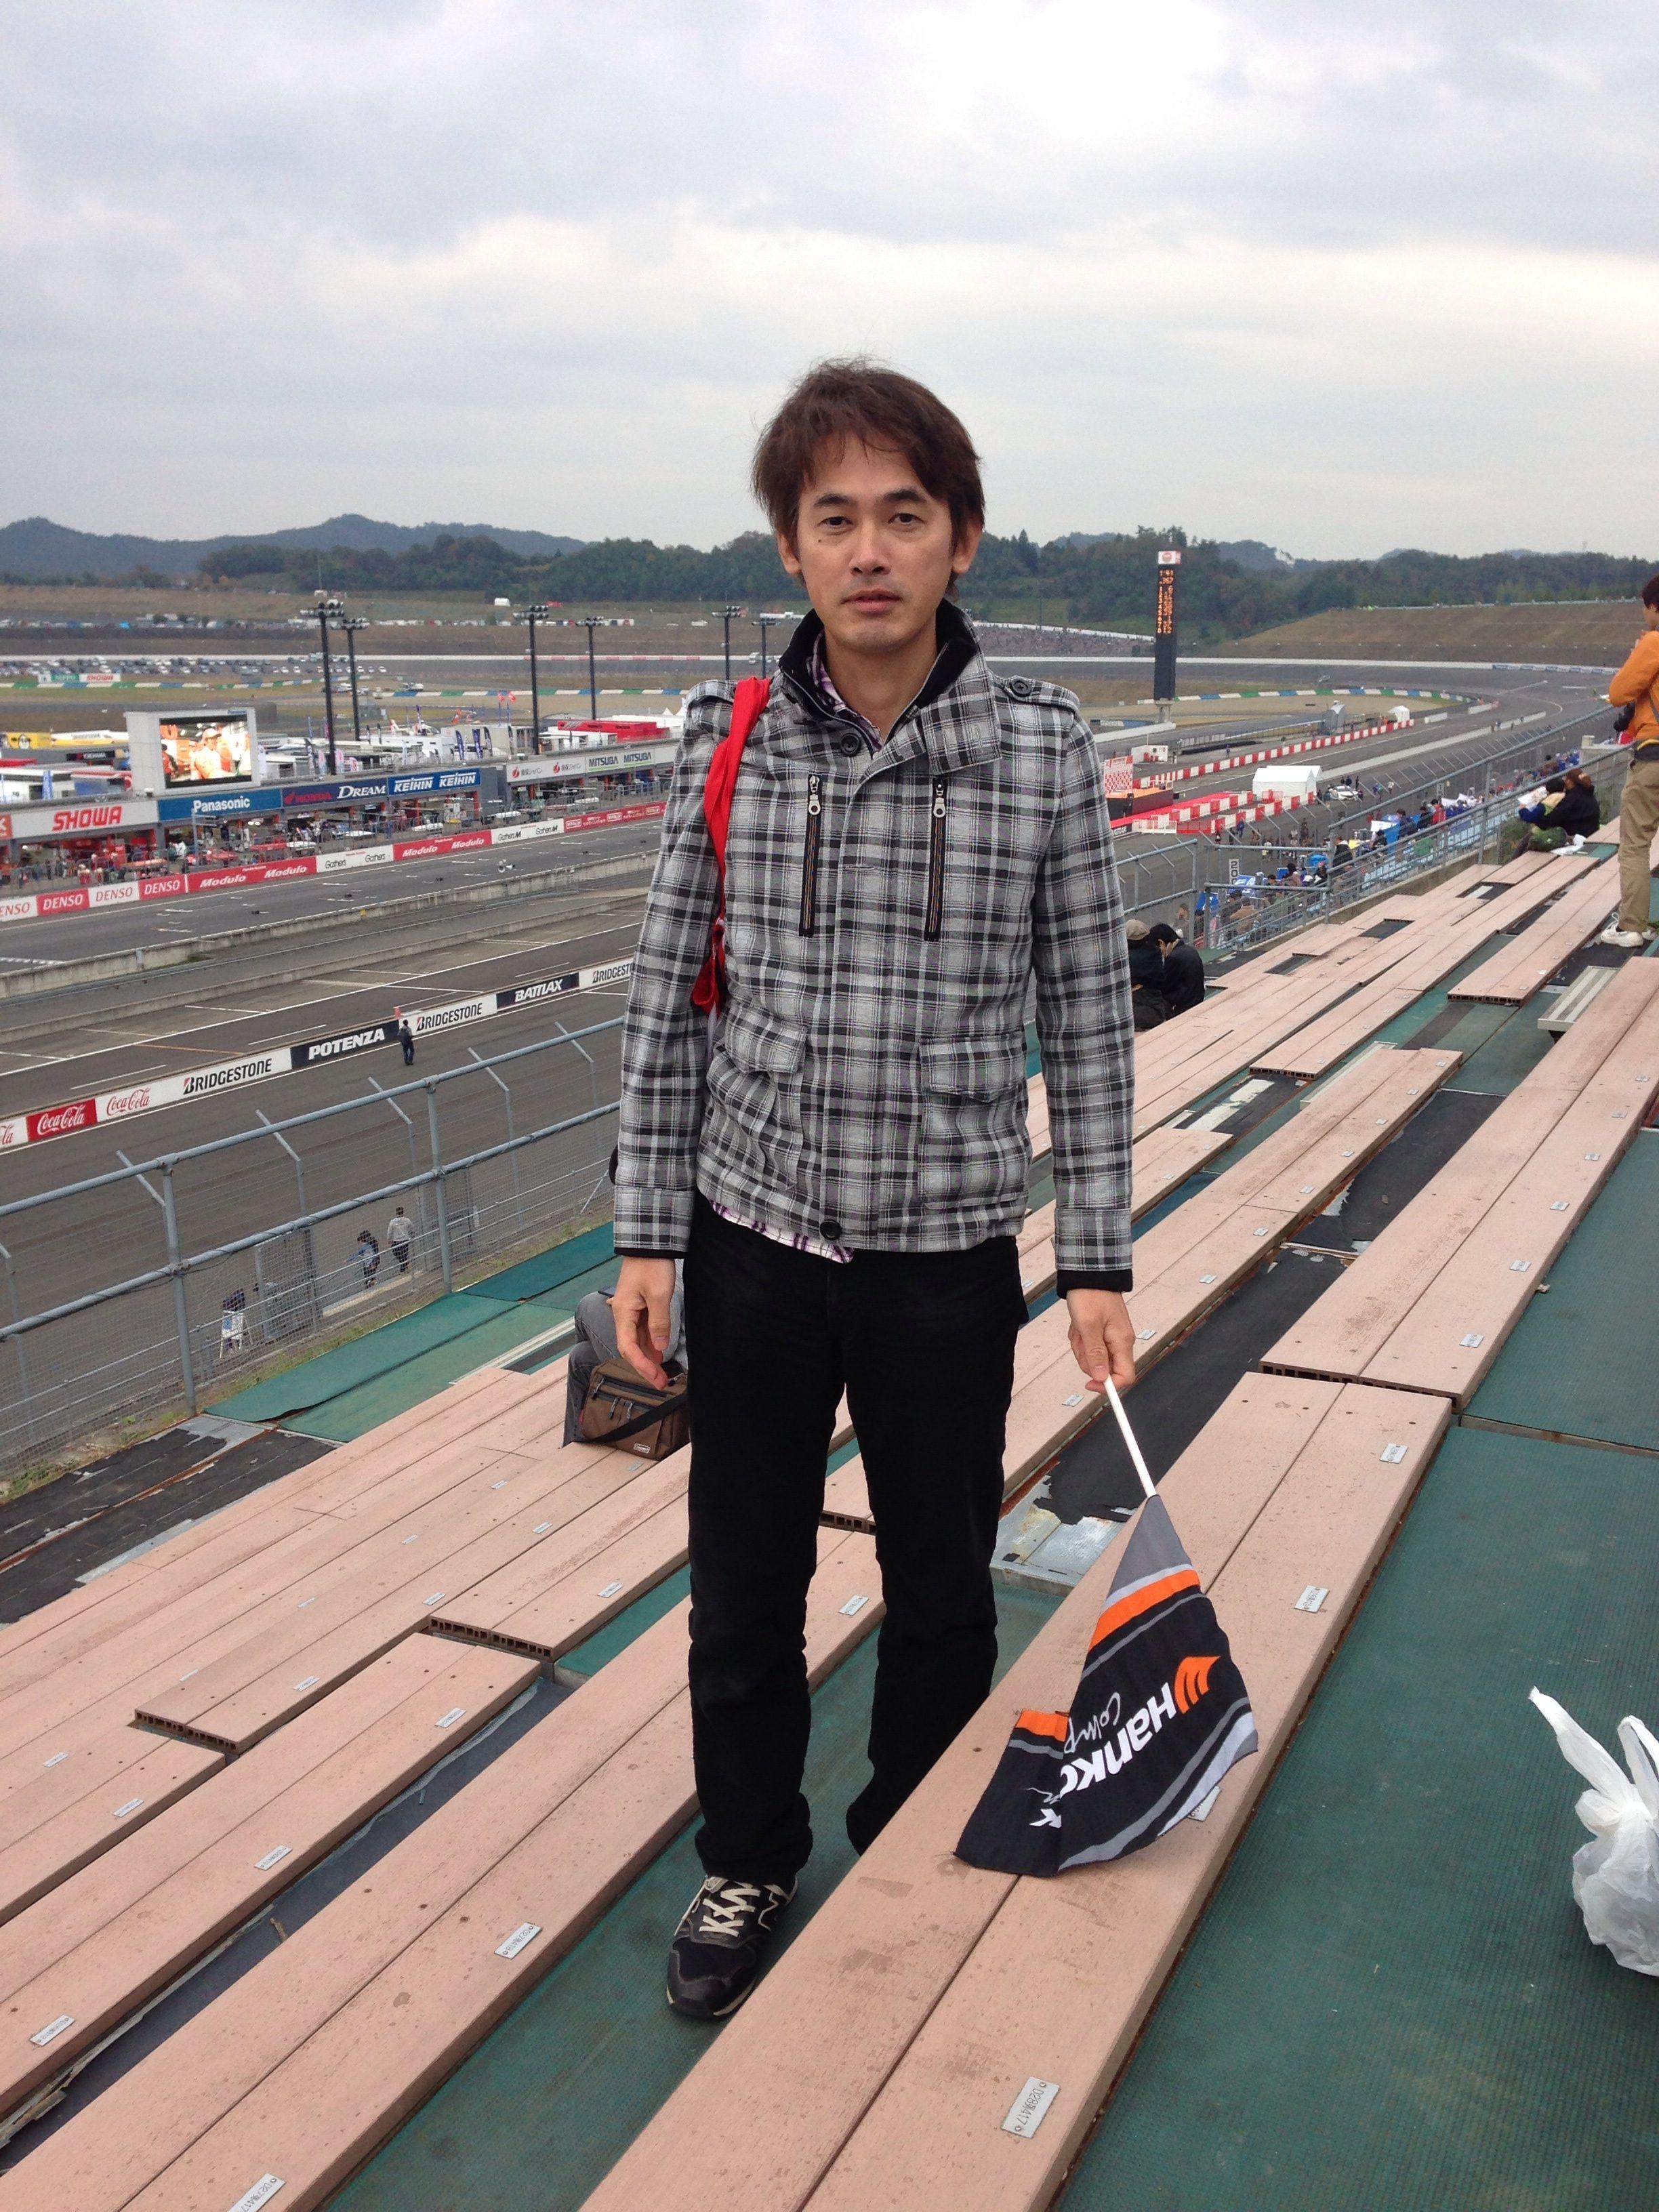 tachikawa single personals Tokimeki idol project is akiha yuki (cv: natsumi hioka), minato tsukishima (cv: minori suzuki), francesca tanaka (cv: yu wakui), natsumi kawaguchi (cv: natsumi kawaida), tsubasa aoyama (cv.